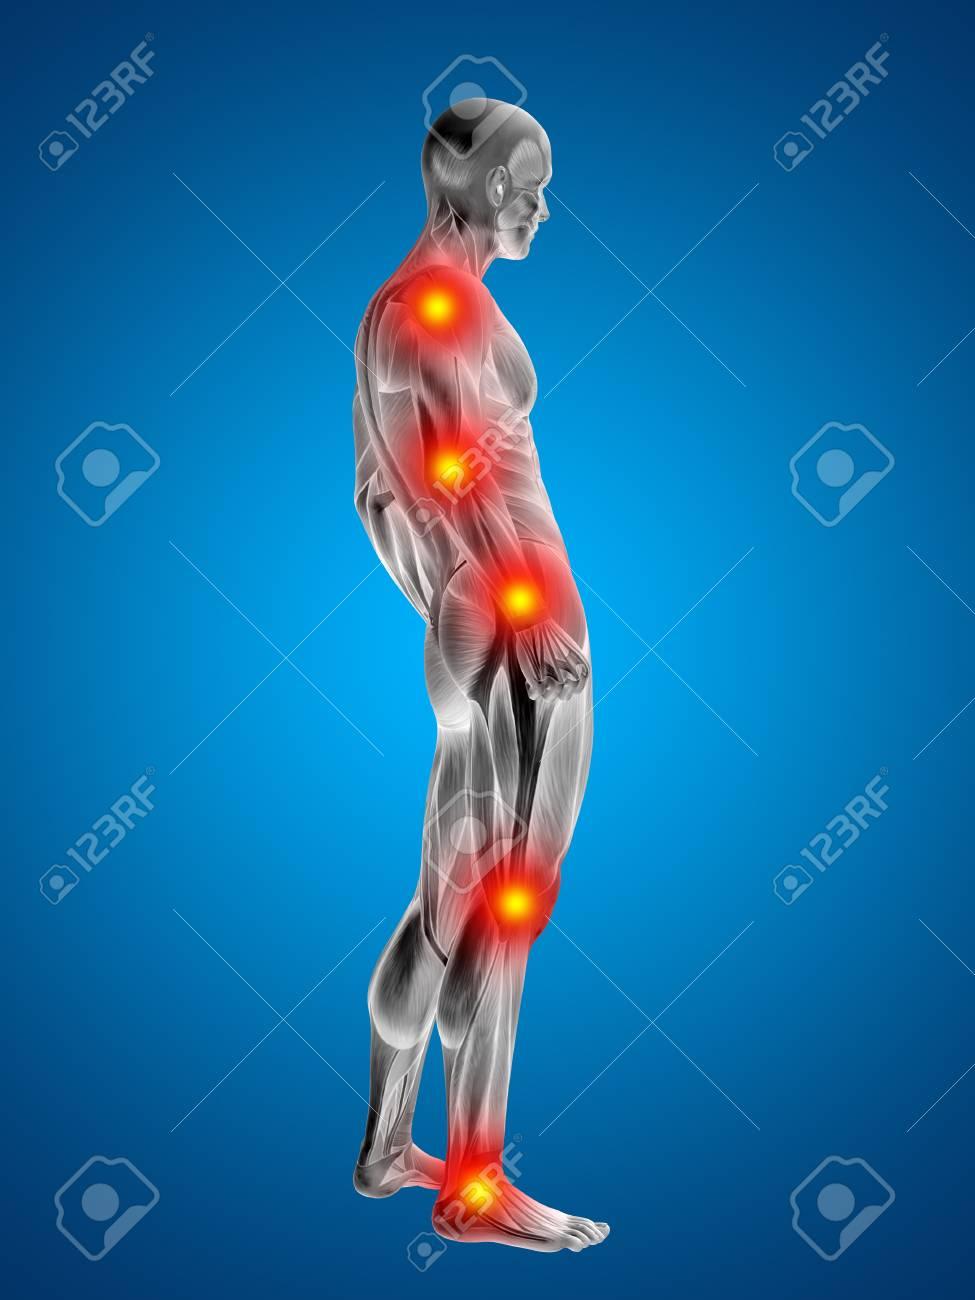 Nett Körper Menschlich Ideen - Menschliche Anatomie Bilder ...